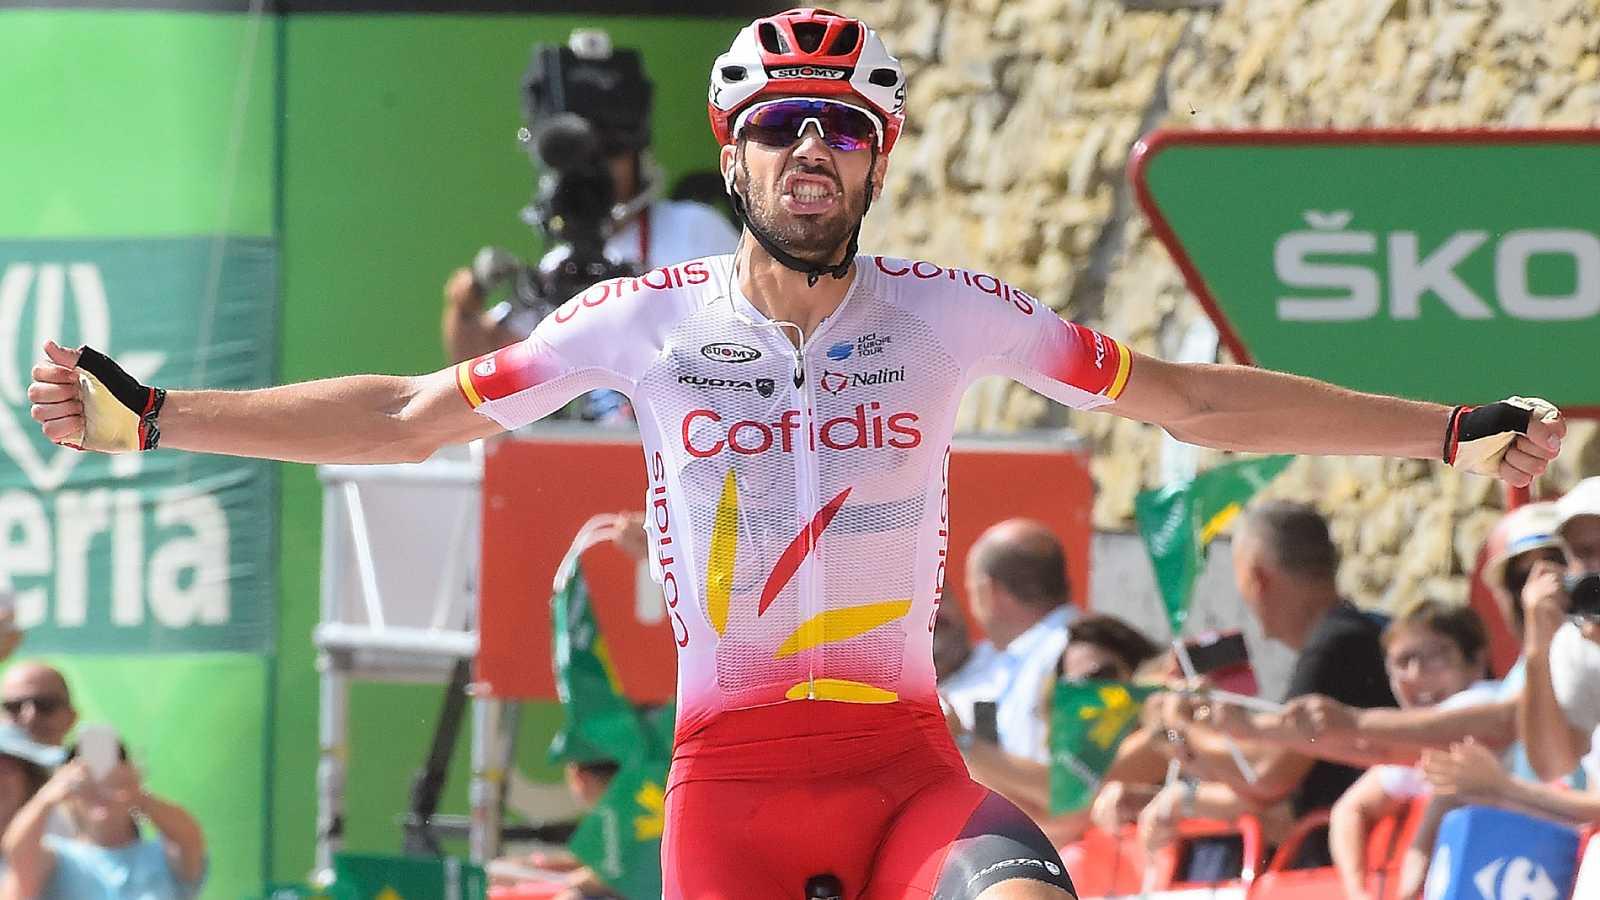 El ciclista español de Cofidis Jesús Herrada 'vengó' a su hermano y se llevó la sexta etapa de la Vuelta con final en Ares del Maestrat, mientras que Teuns se viste de rojo en detrimento de 'Supermán' López.